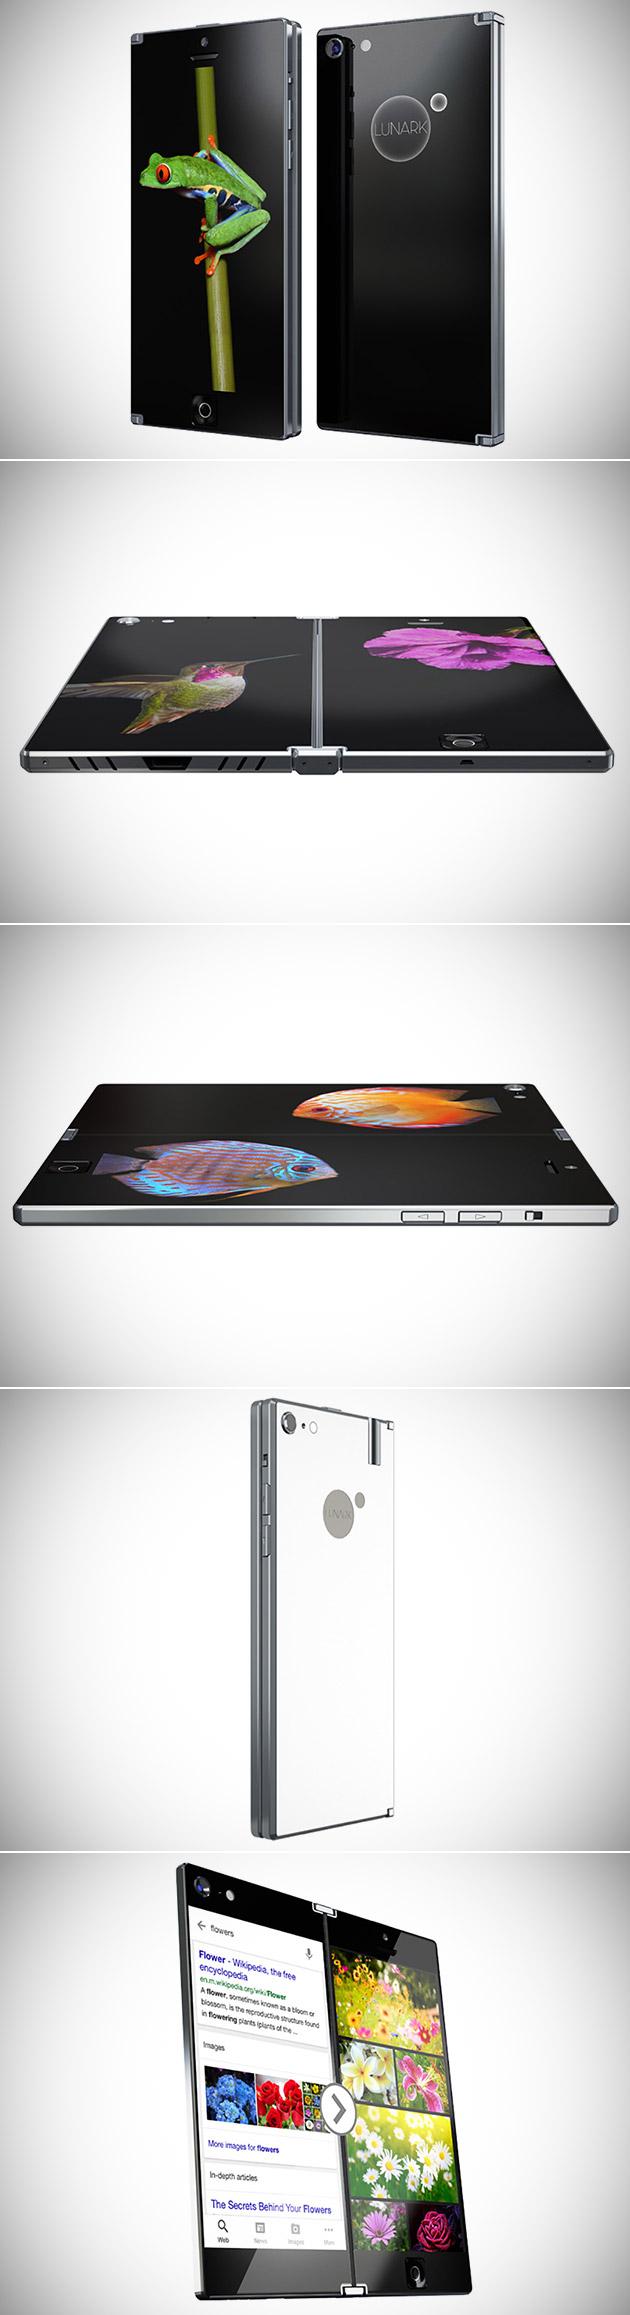 Lunark Dual-Display Smartphone